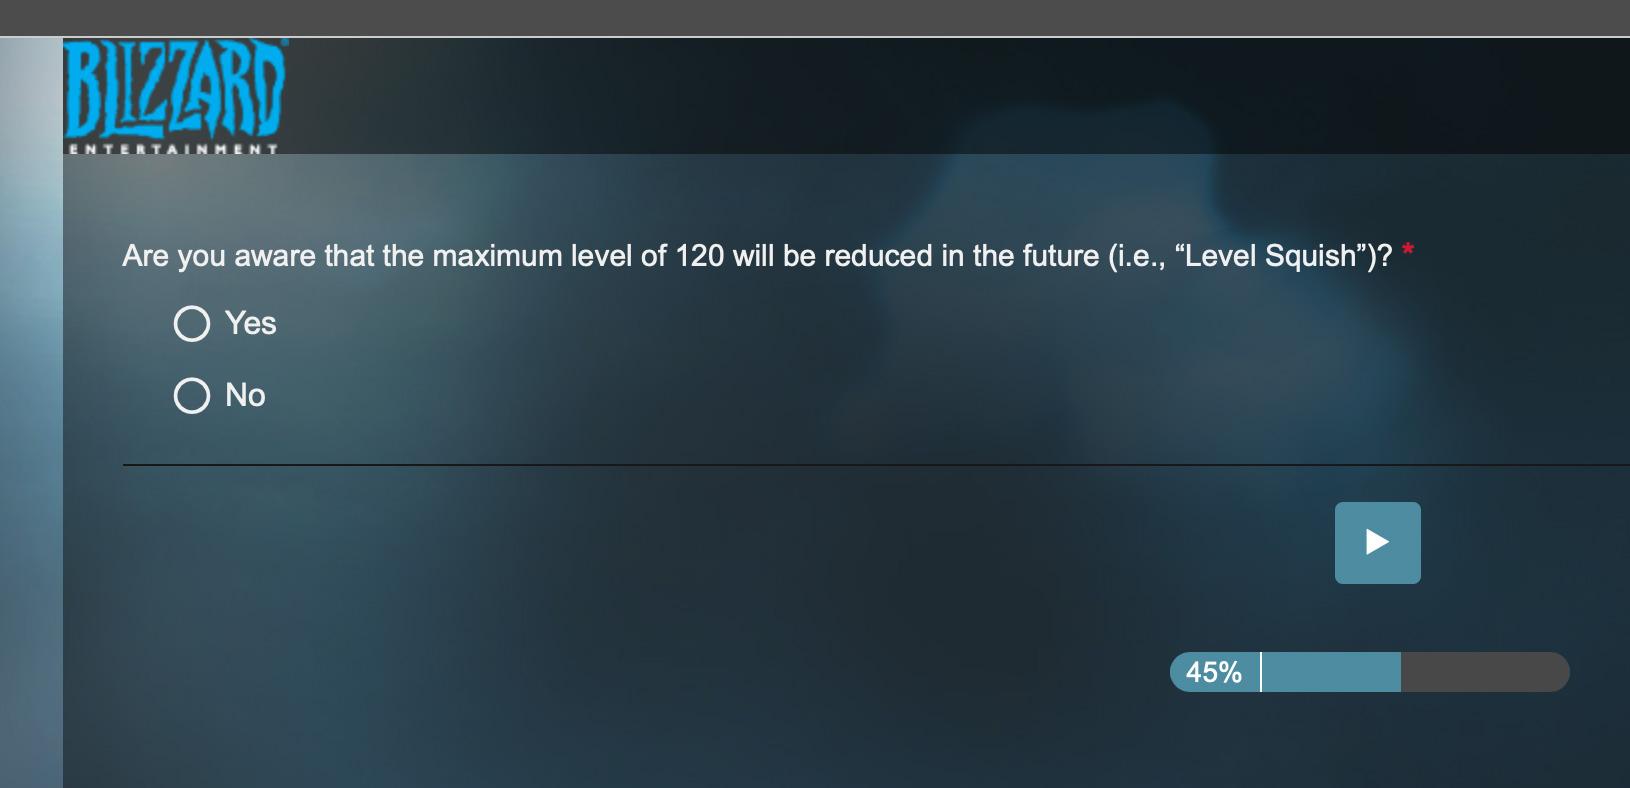 Questionnaire de Blizzard envoyé aux joueurs concernant le niveau maximum